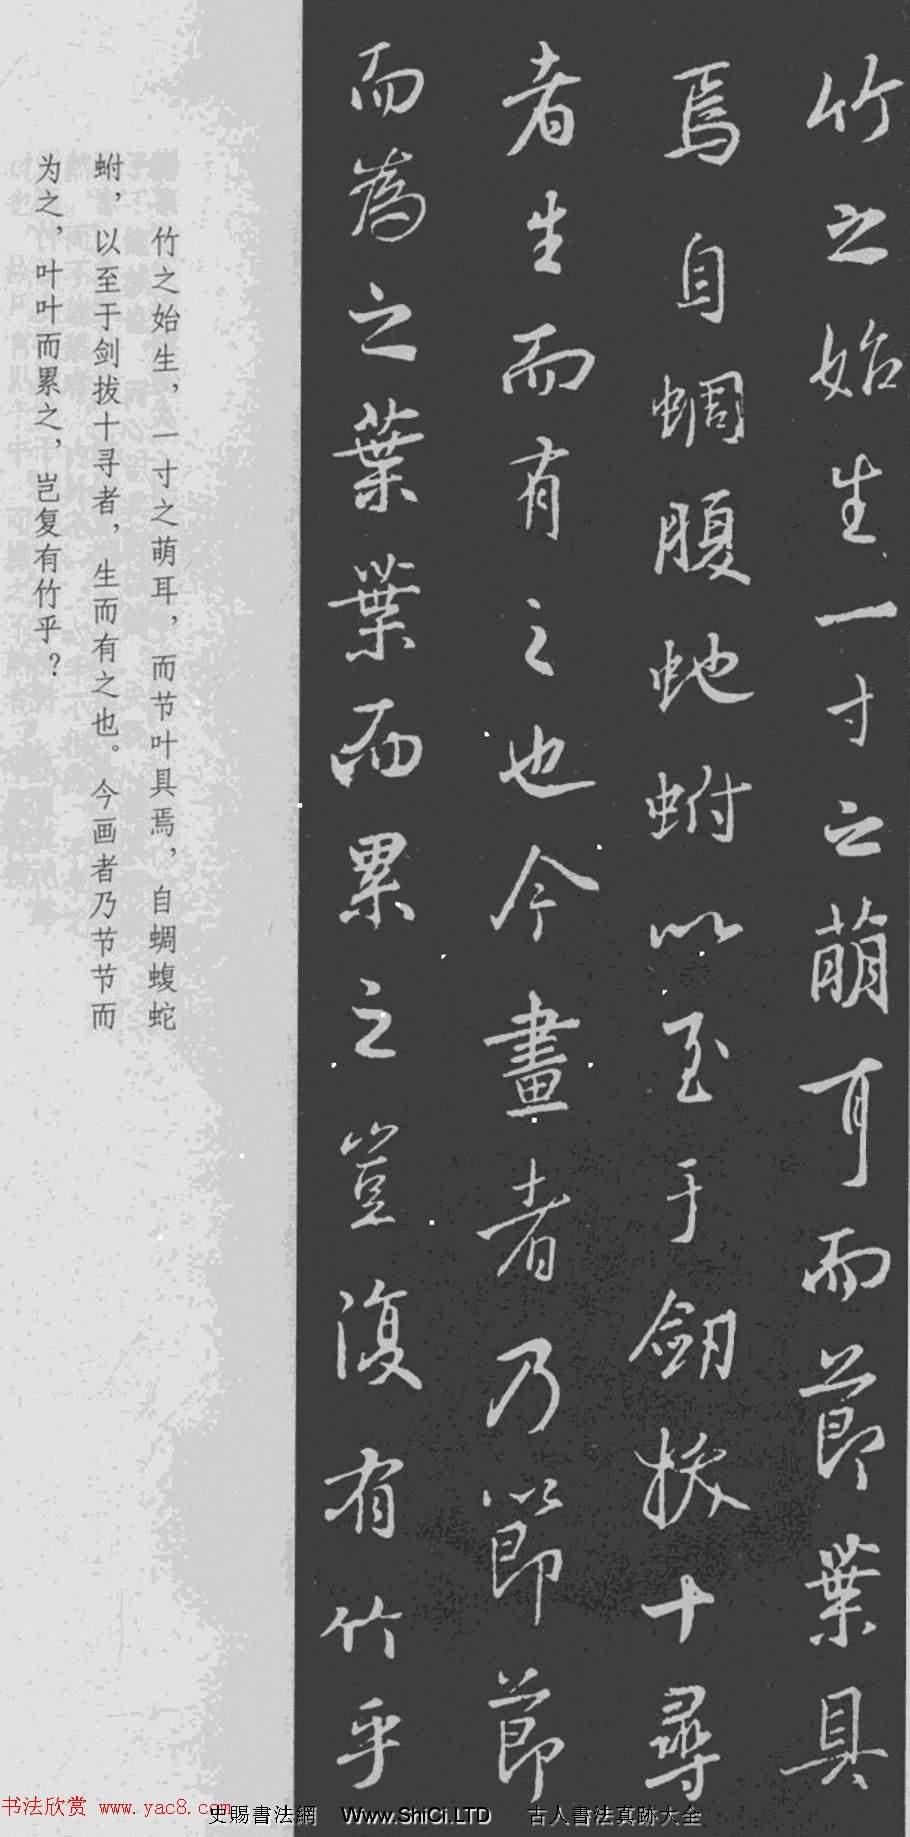 王羲之書法集字字帖《文與可畫篔簹谷偃竹記》(共6張圖片)